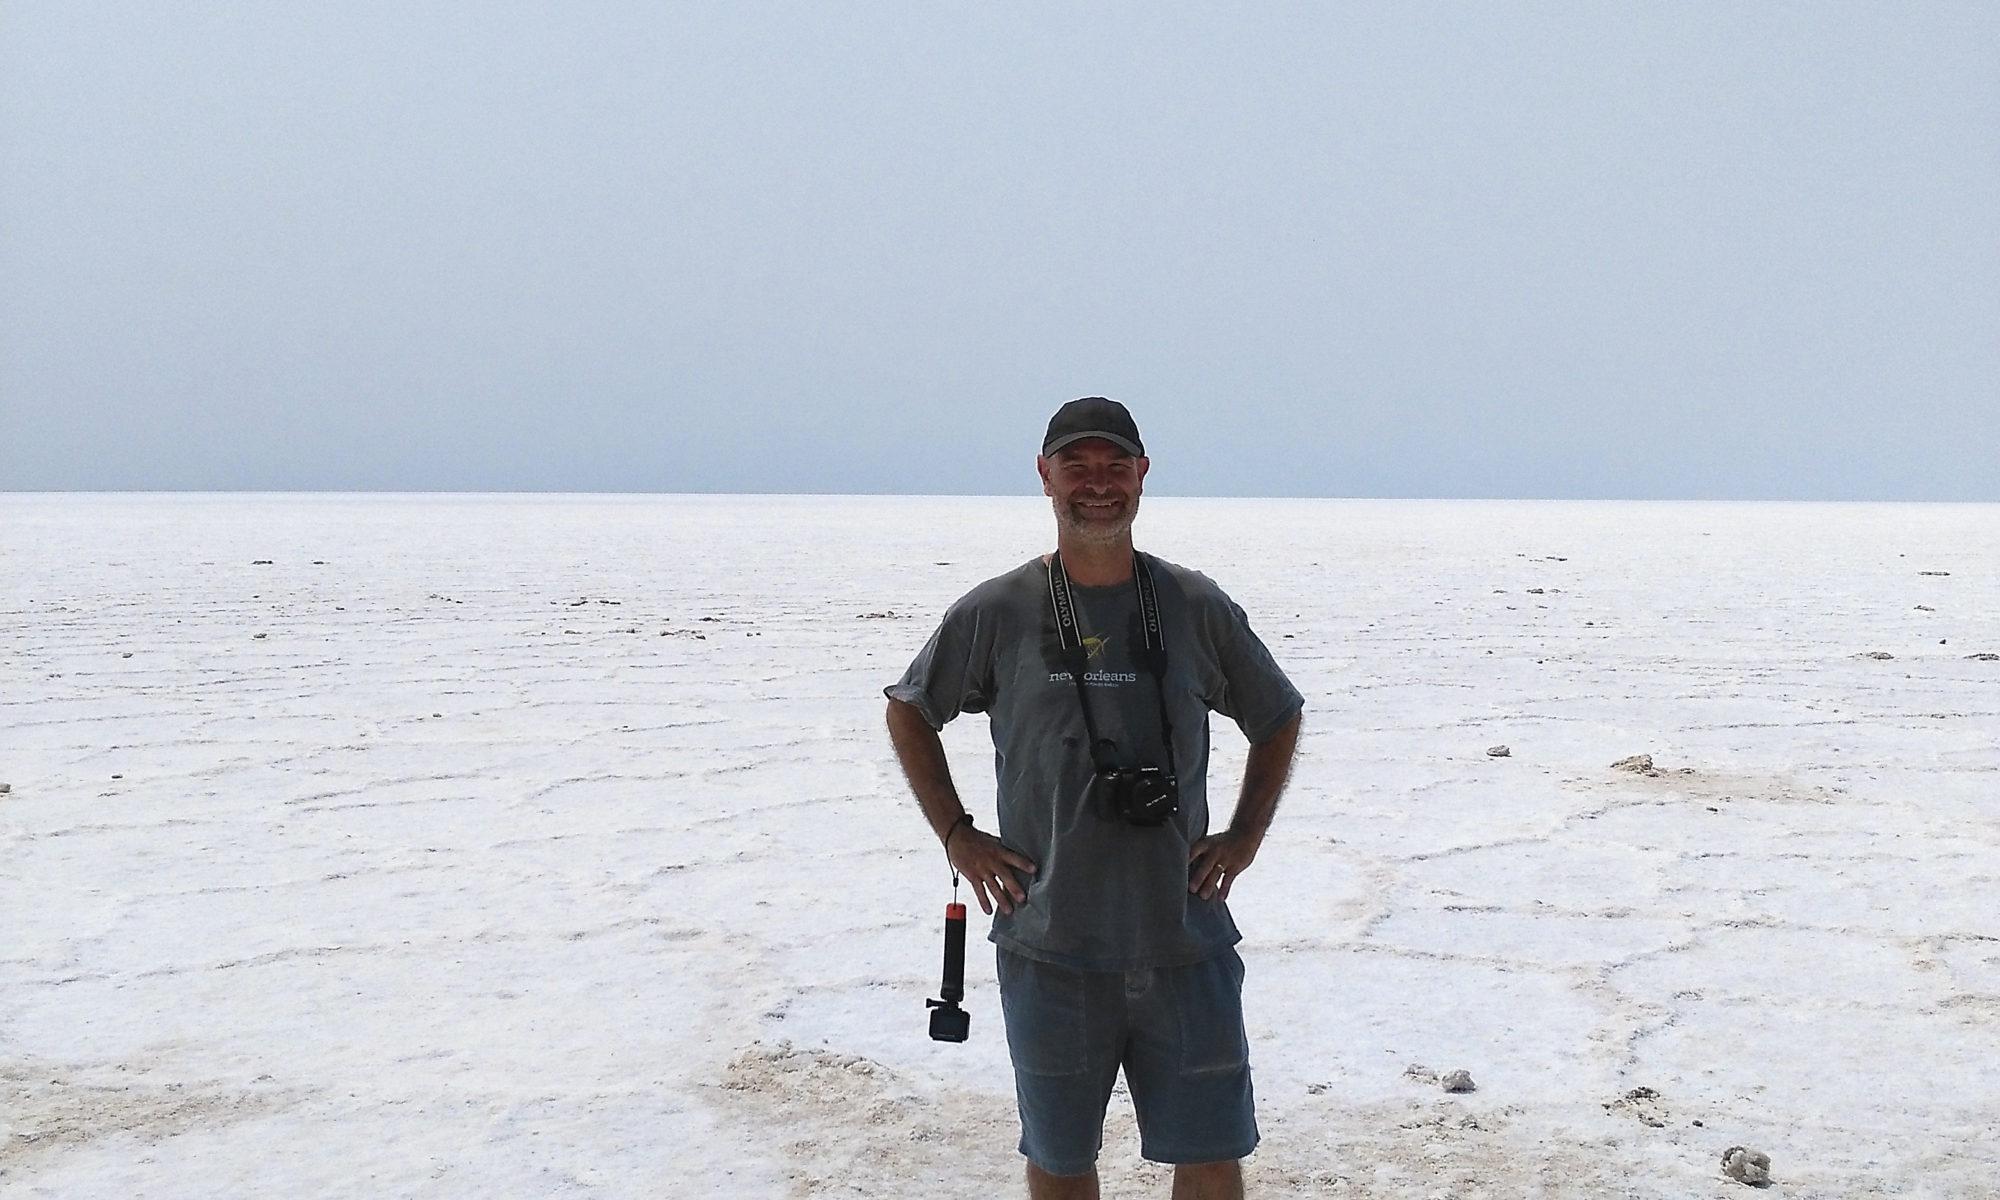 En Joan al mar de sal del Badwater Basin Joan at the pool of Salt in Badwater Basin